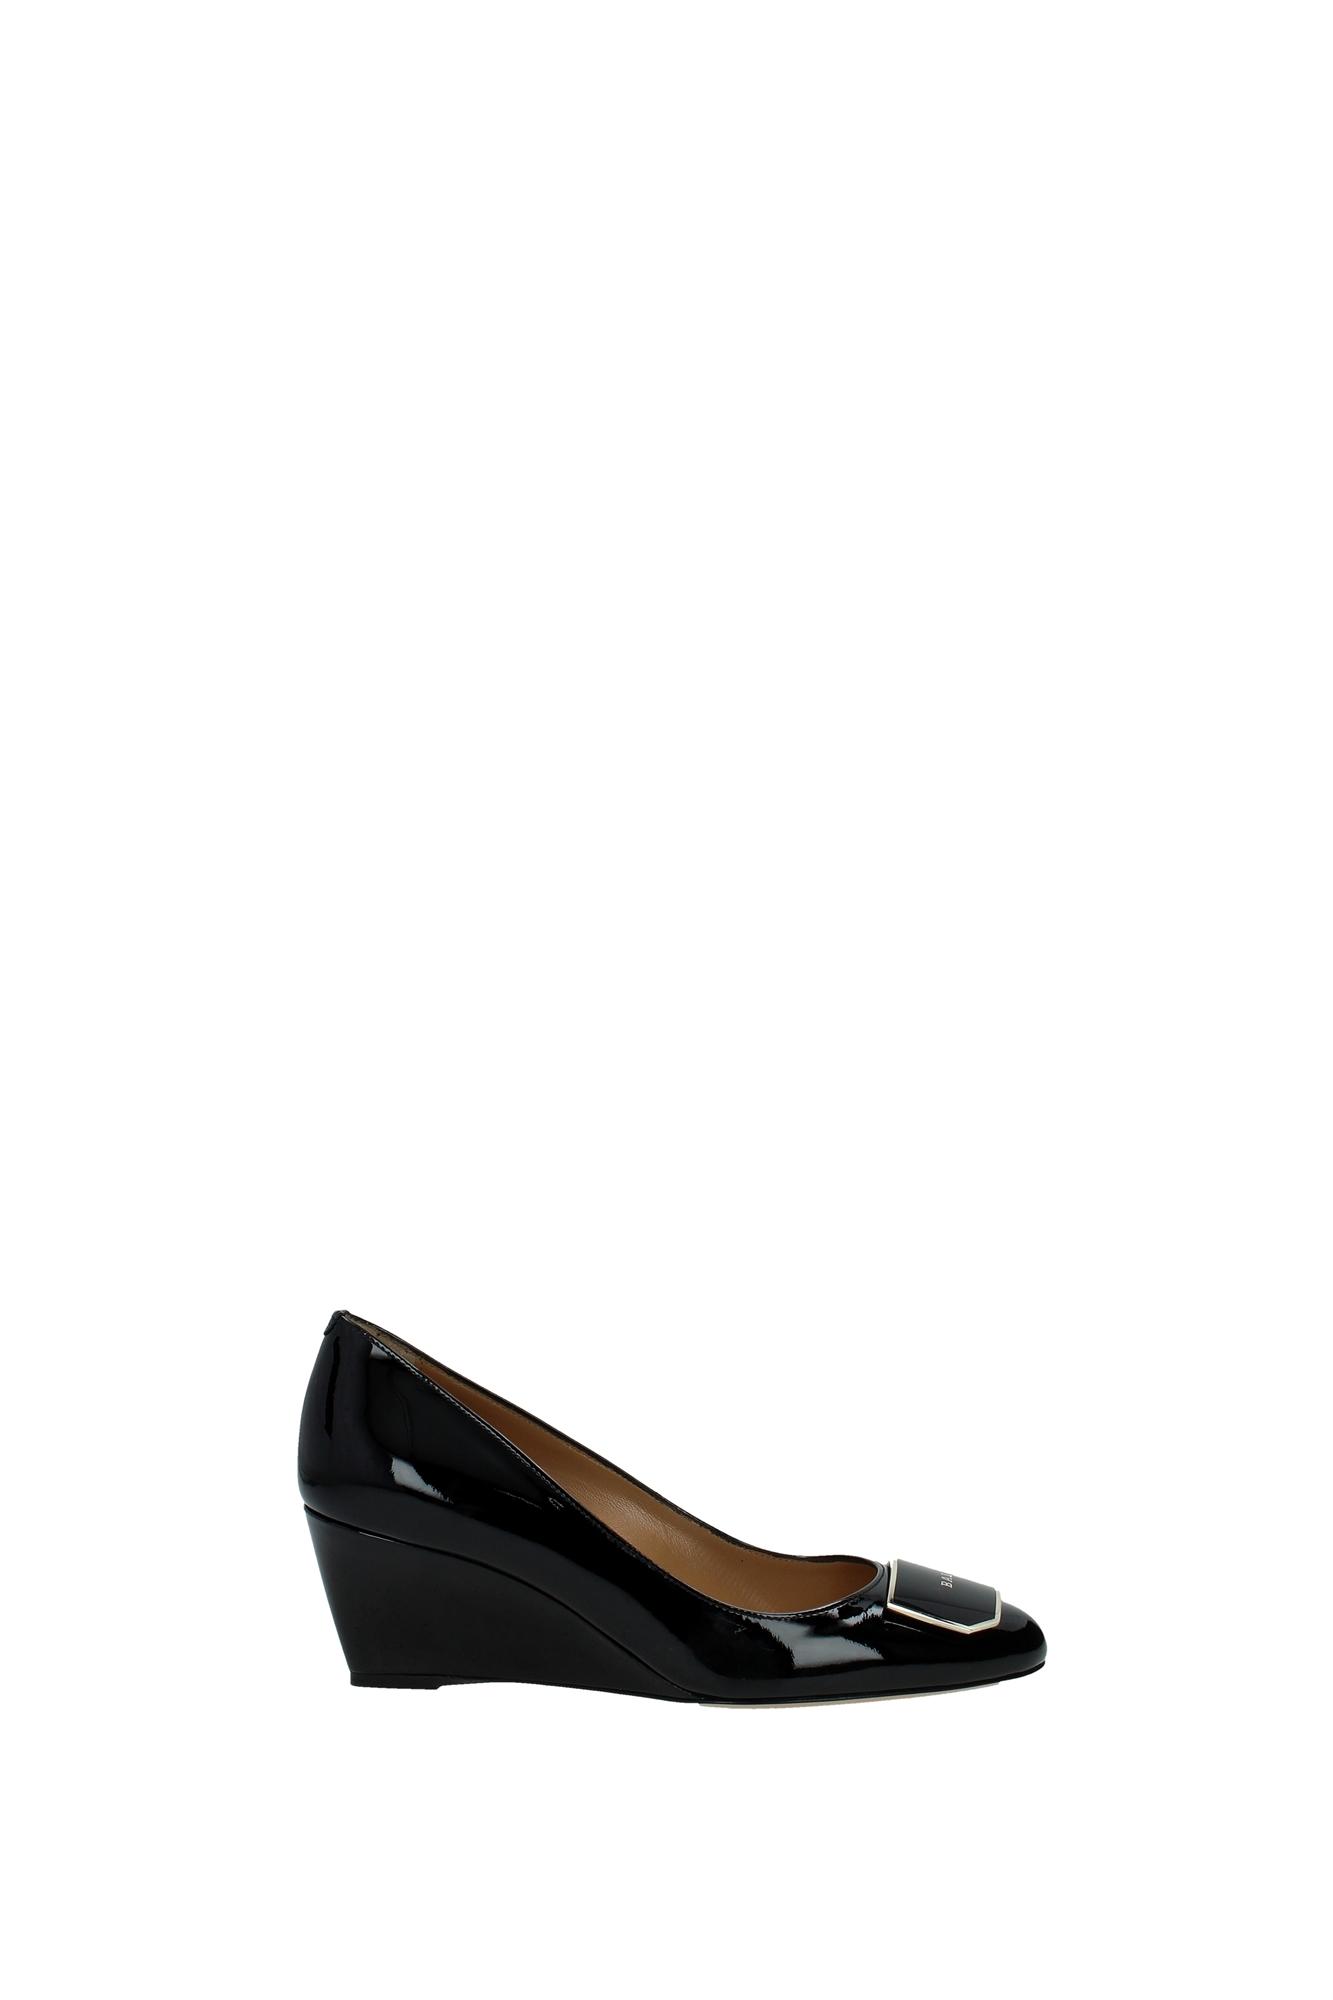 homme / femme de femmes  (hisa6006202632 coins bally) de basse haute qualité et à basse de altitude luxueuse chaussures de légers 49c26c